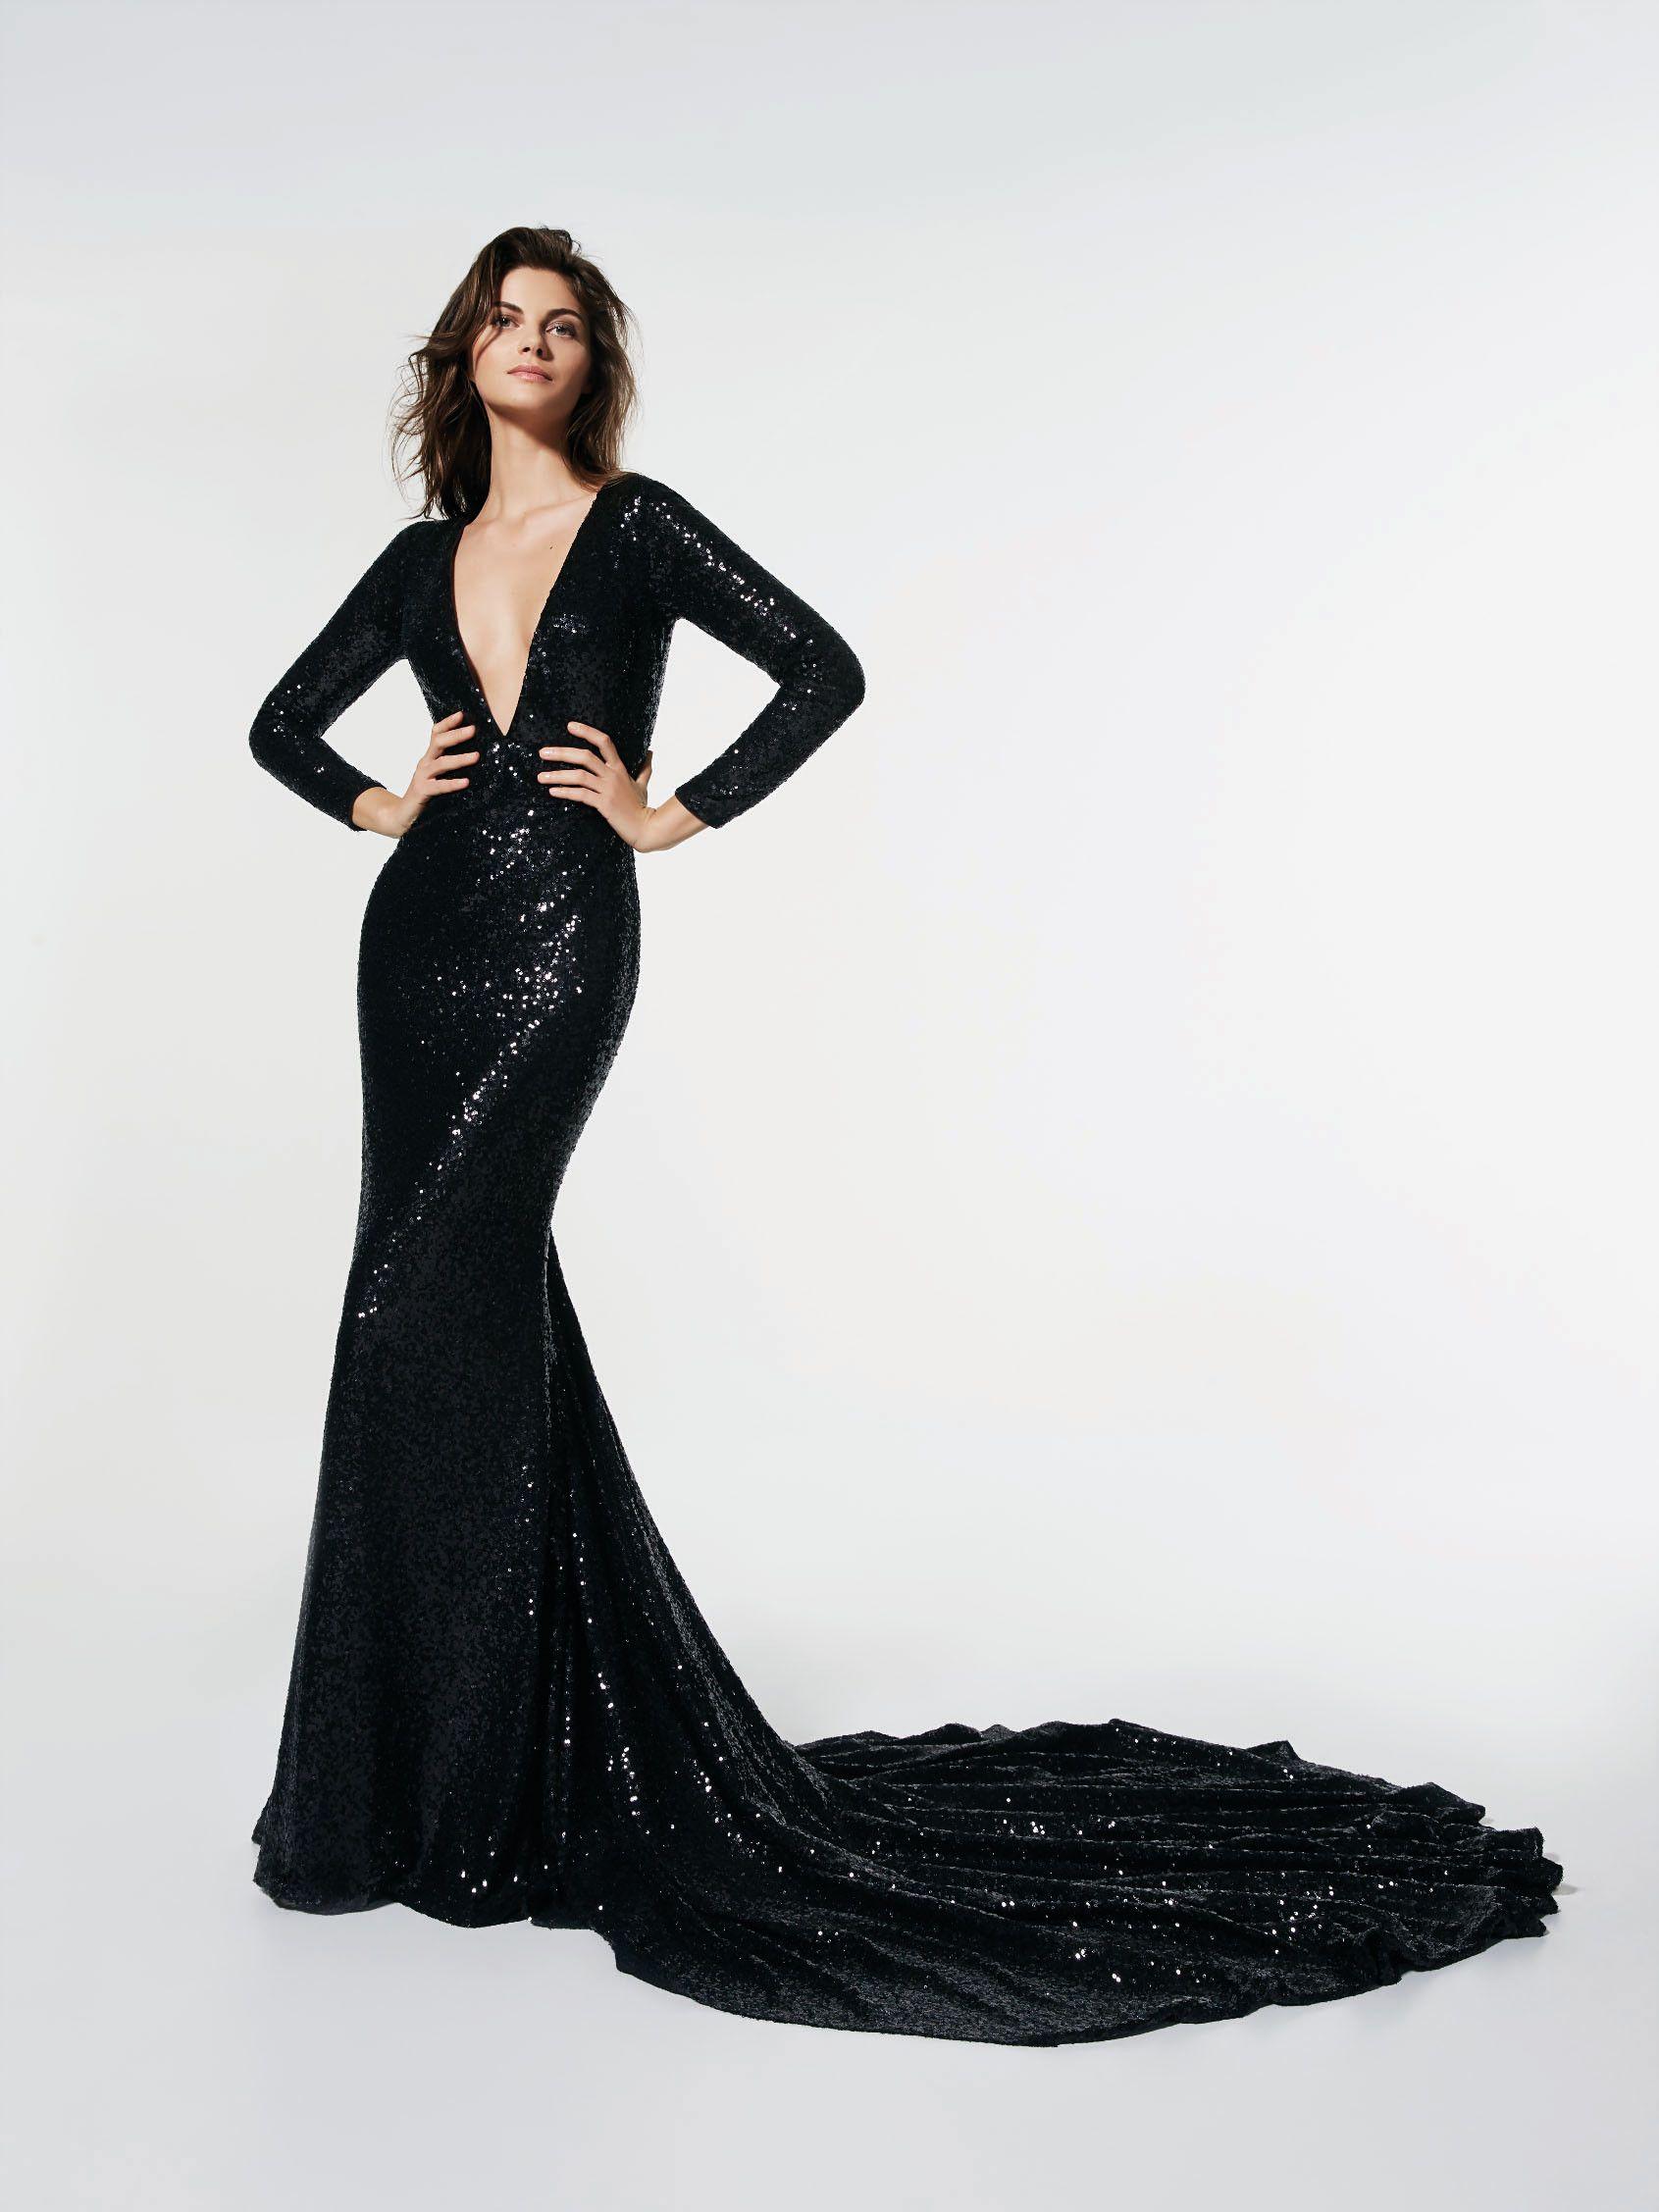 Stai cercando un abito da cerimonia  Questo è un abito lungo di colore nero  (modello GLASGOW) con scollatura anteriore a punta. Abito a sirena con  maniche ... 5bccbe234f2